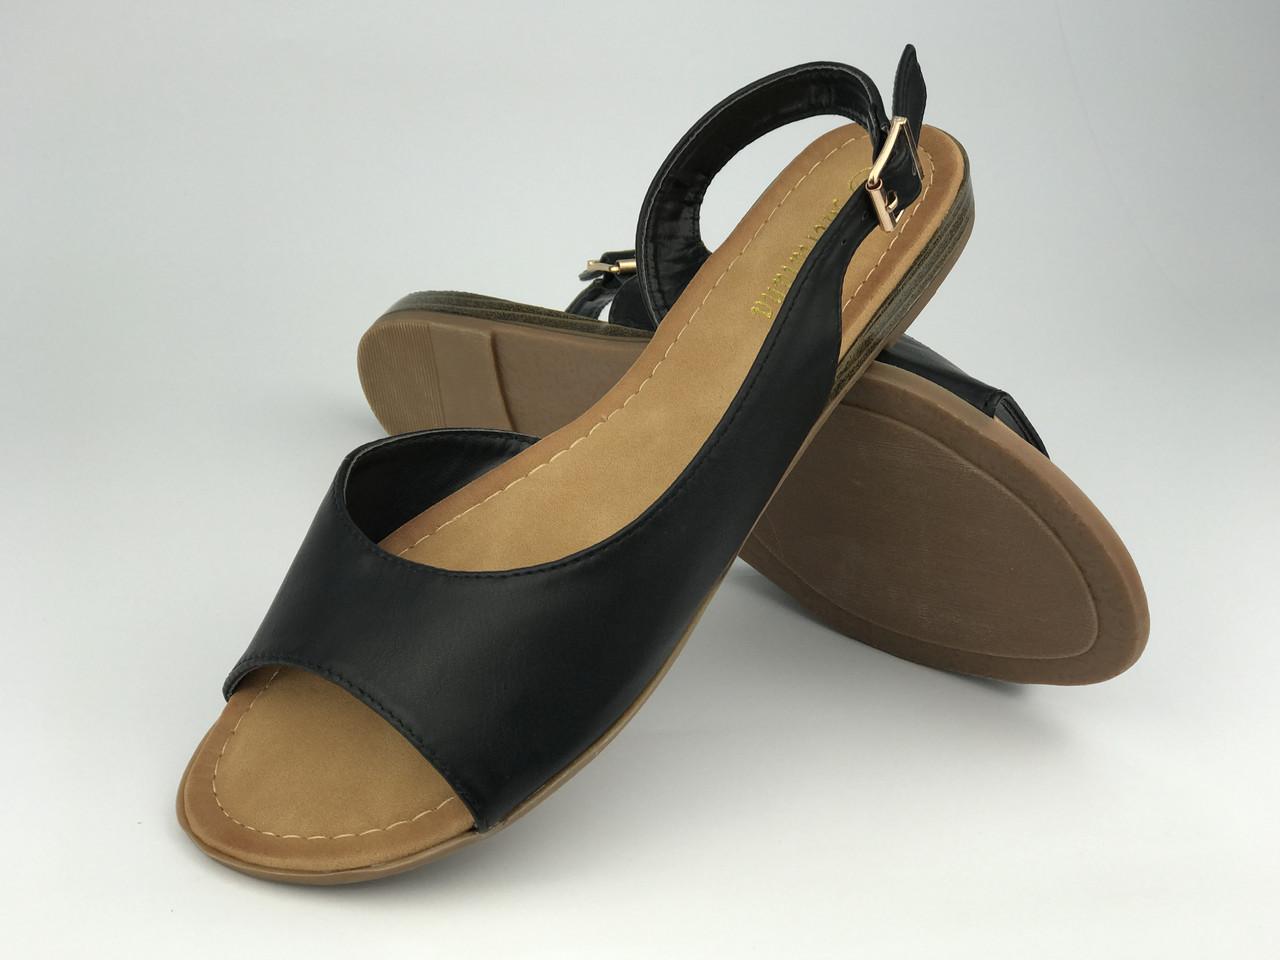 Босоніжки жіночі стильні чорні Meridiana